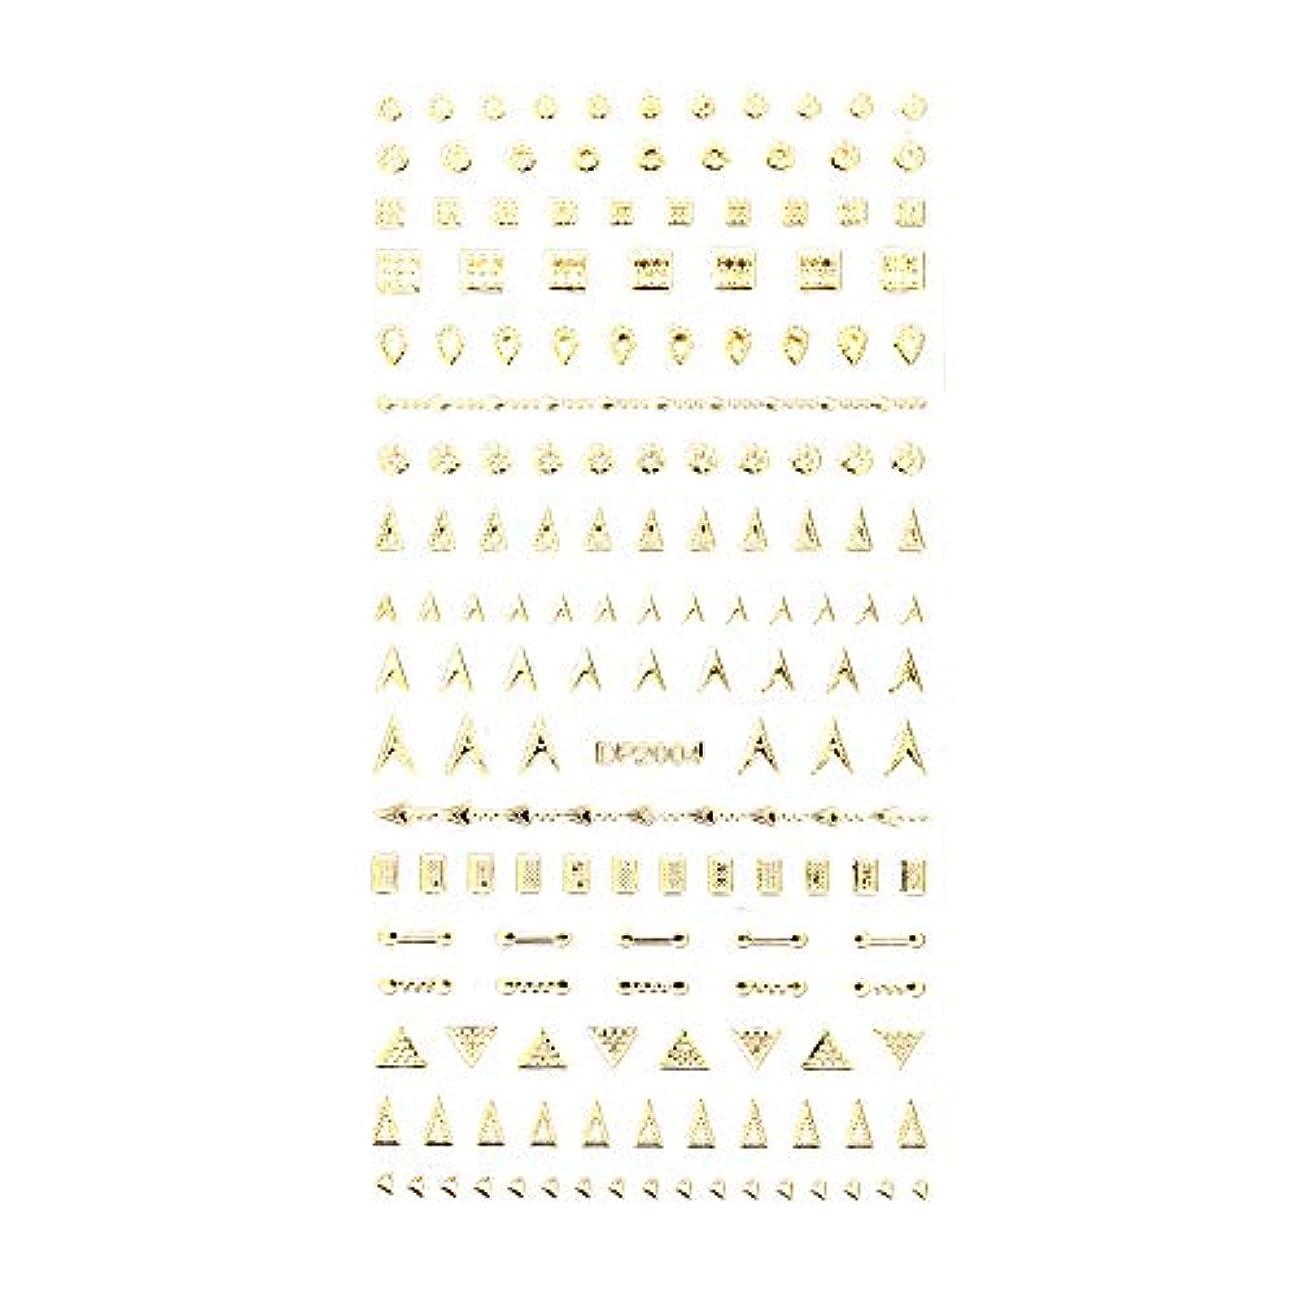 問い合わせるページェント適性ネイルシール デザインパーツ風シール ゴールド【DP2004】【タイプ4】ネイルアート スクエア レクタングル トライアングル くり抜き フレーム